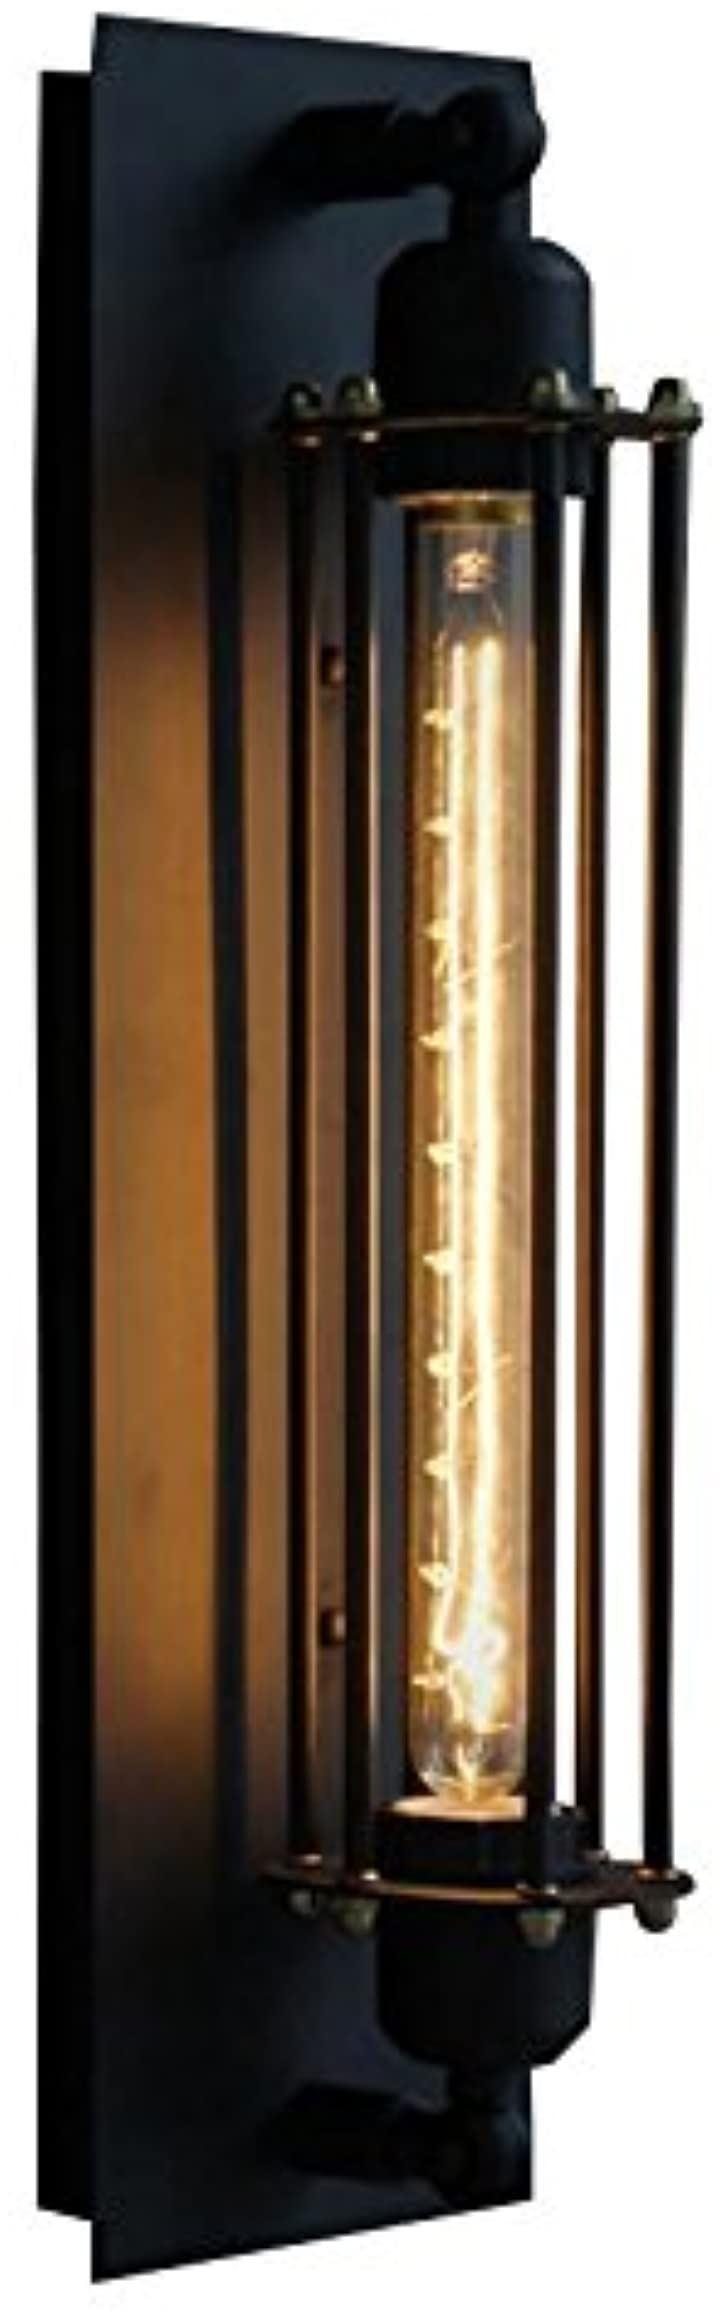 ブラケット照明 玄関照明 廊下ライトランプ 照明おしゃれ 階段ライト 間接照明 壁取付照明 壁掛けライト 室内照明 ブラケット北欧 照明器具スーチル素材 照明レトロカフェ風ライト1灯 レストラン照明(C11)